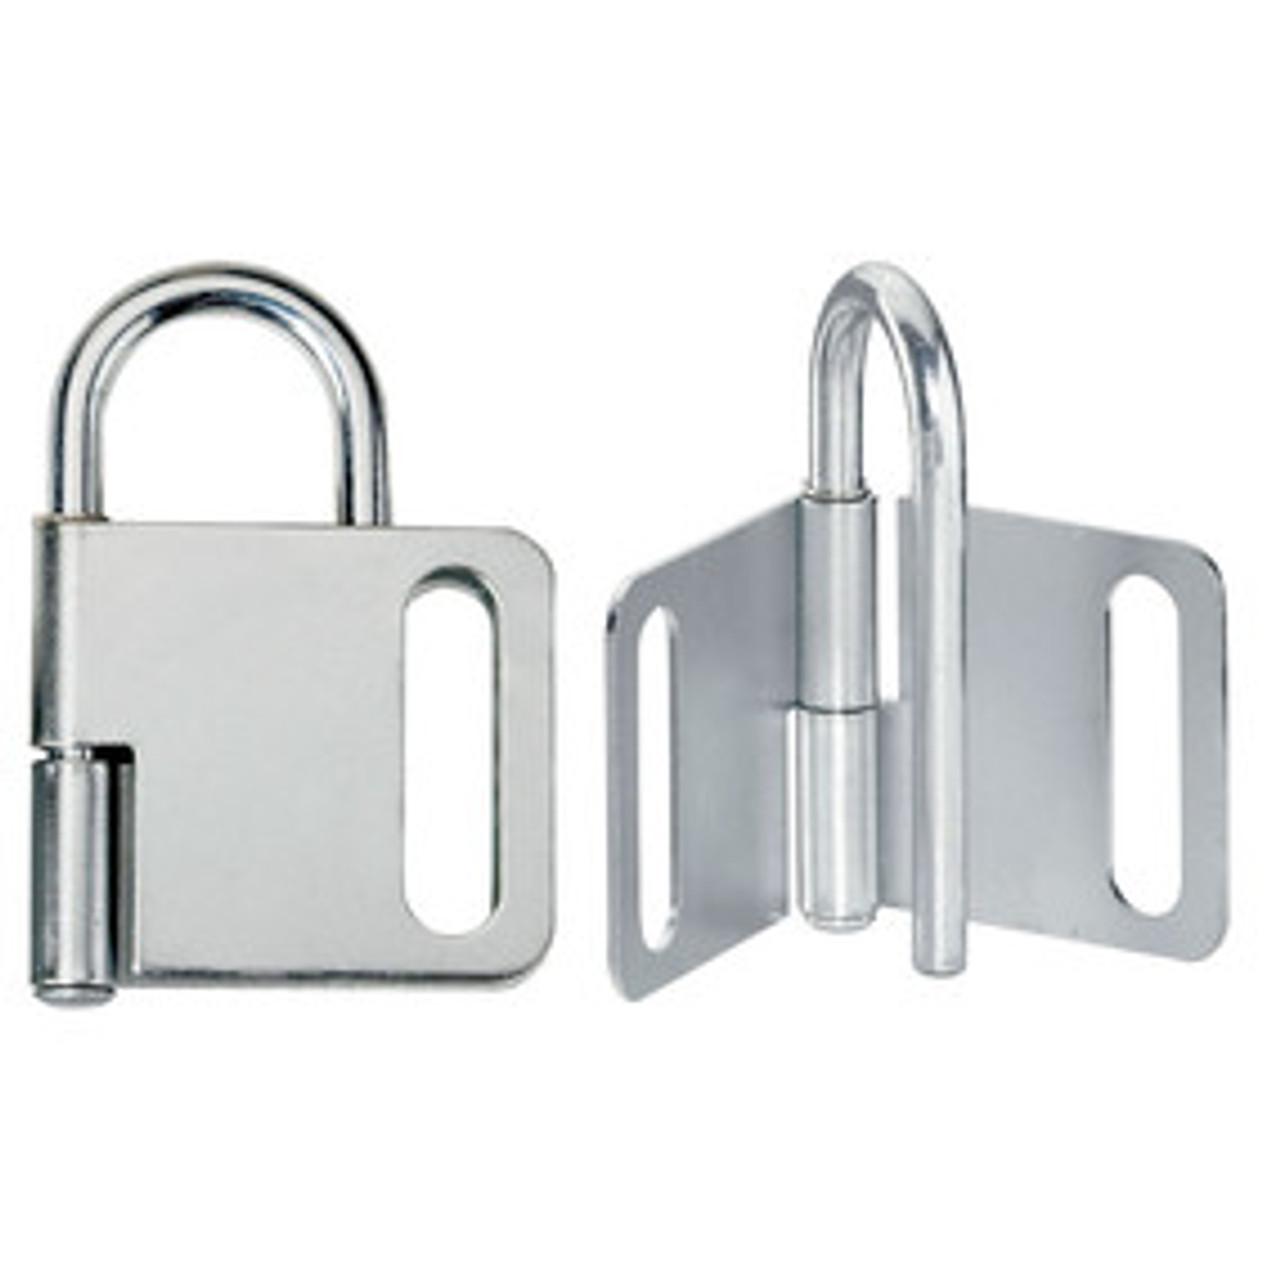 Steel Heavy Duty Lockout Hasp, 1in (25mm) Jaw Clearance